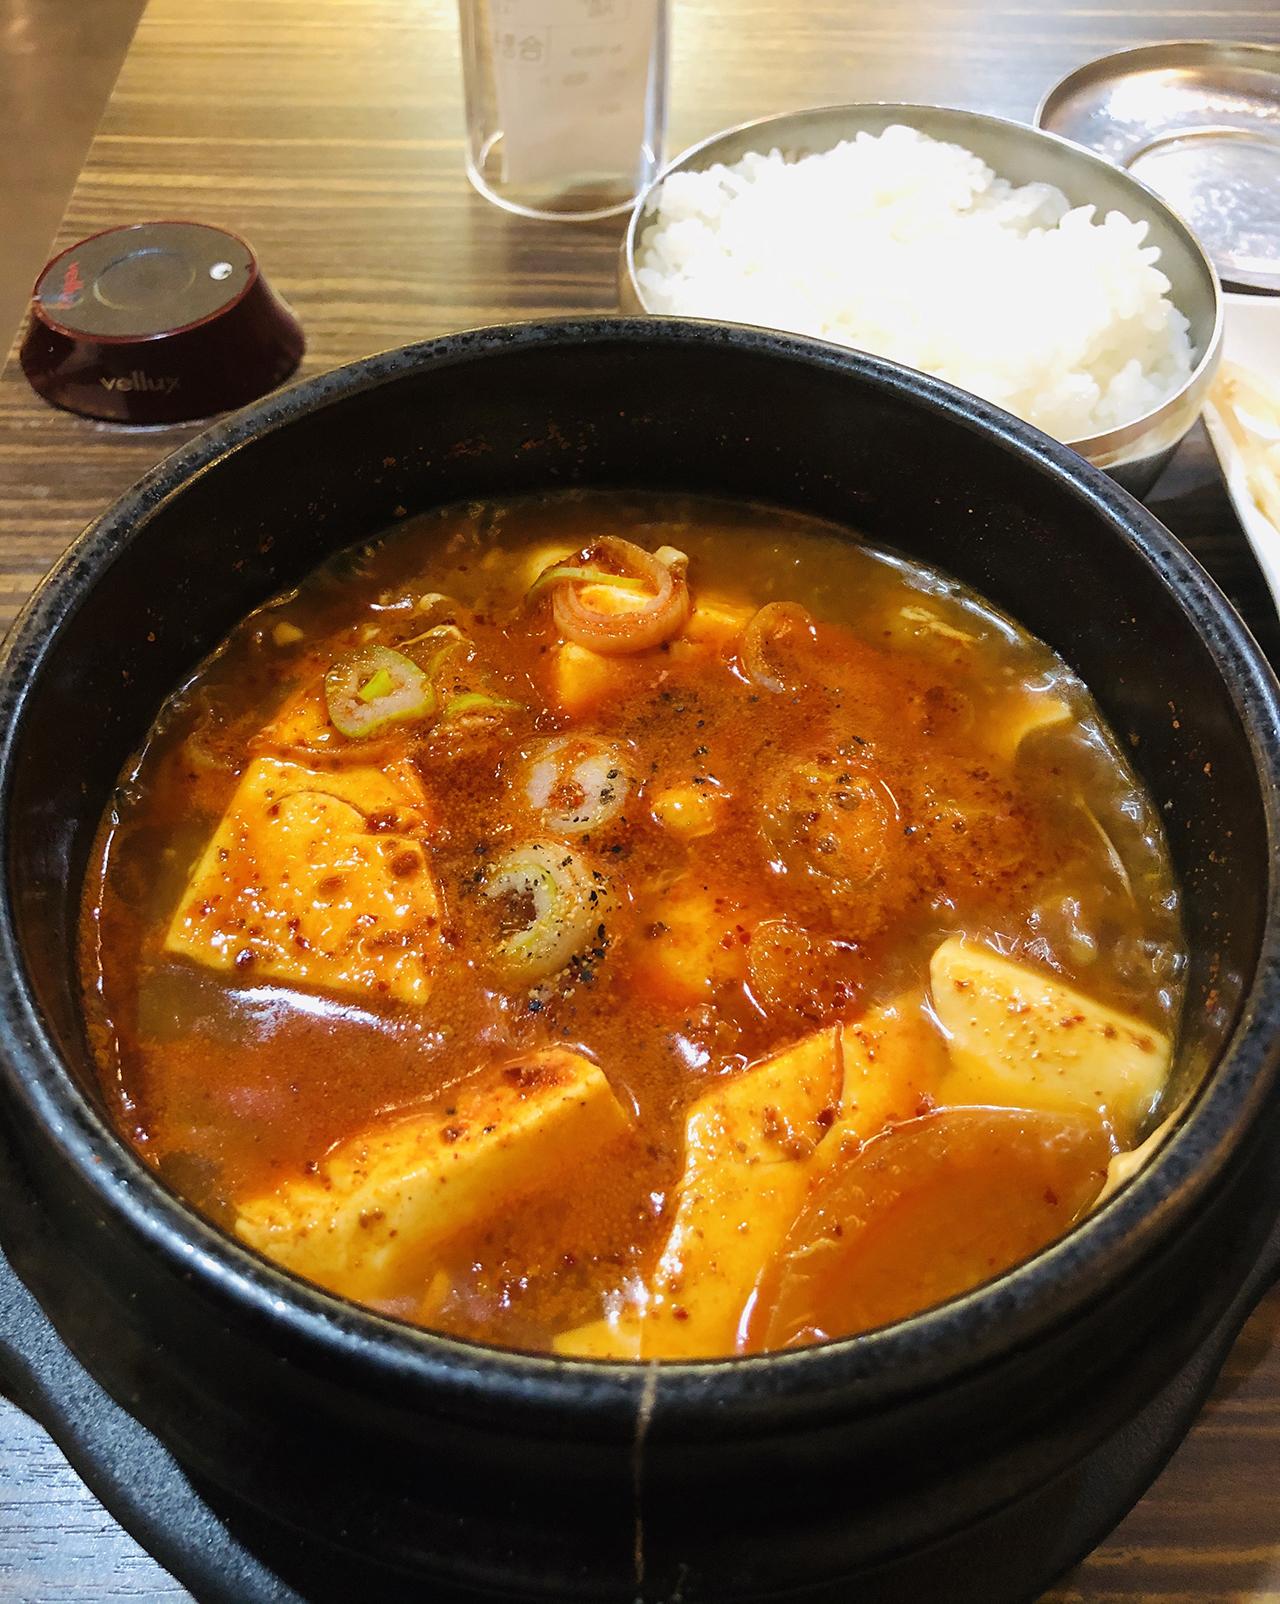 純豆腐チゲのアップ写真